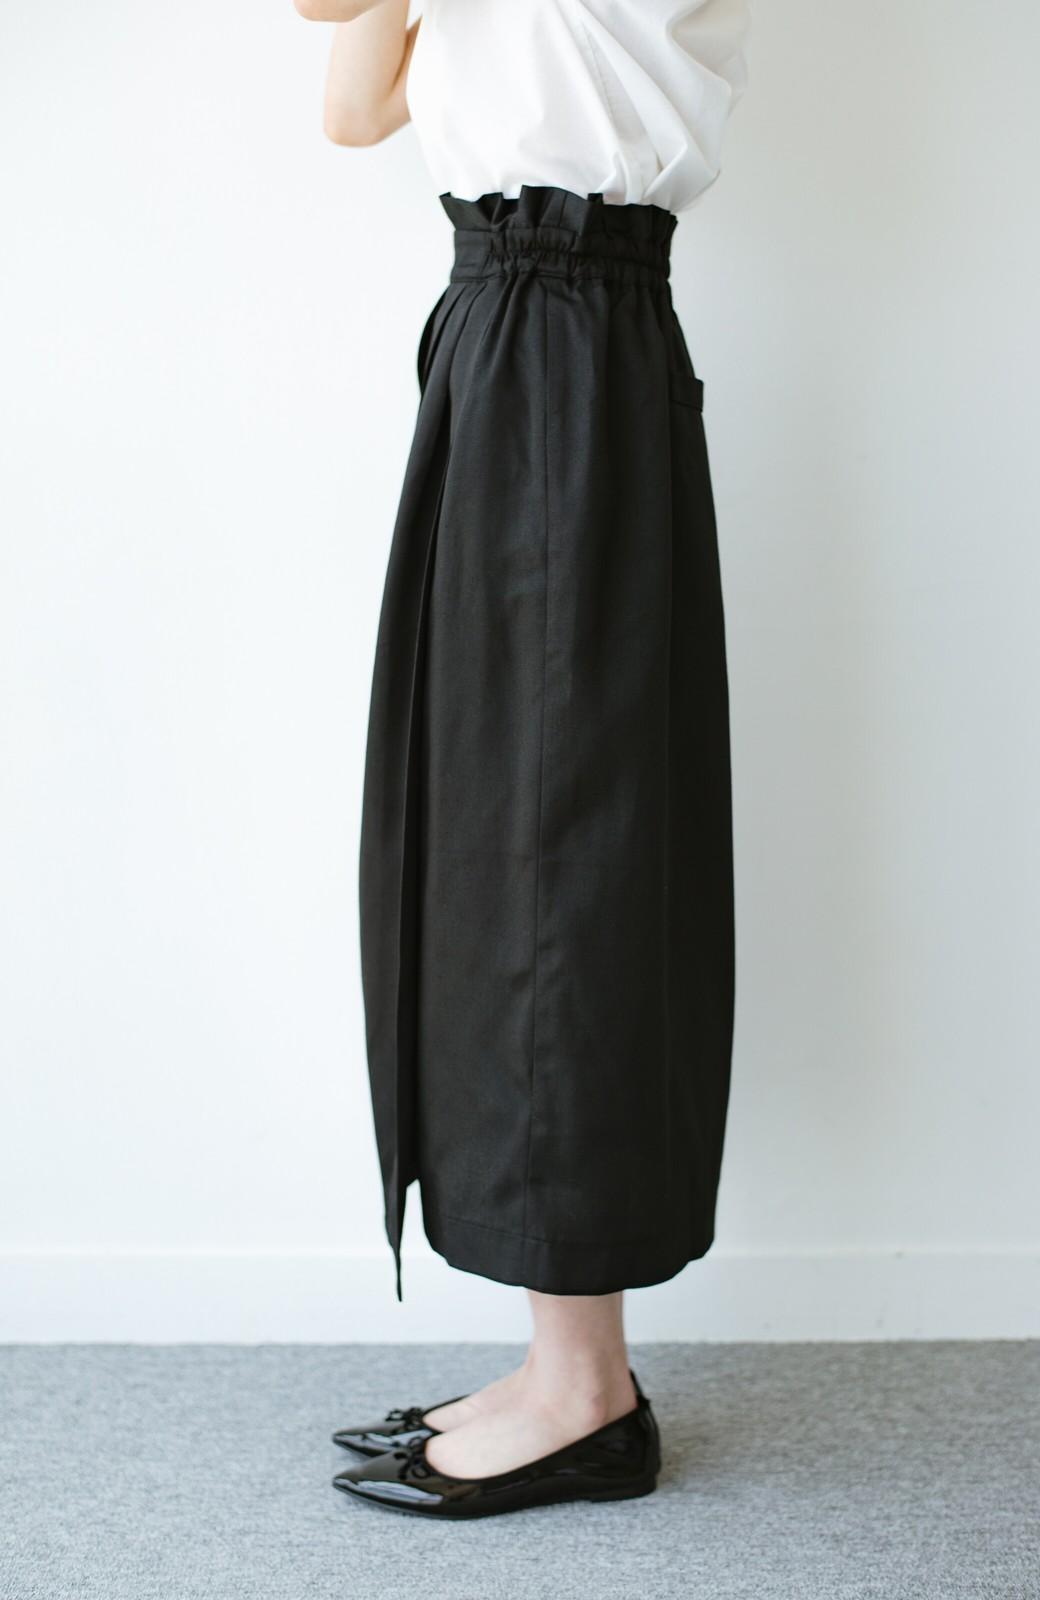 haco! 華やかになるなら今だ!女っぽタックスカート【キラキラ期】女の子バンザイ!プロジェクト <ブラック>の商品写真7